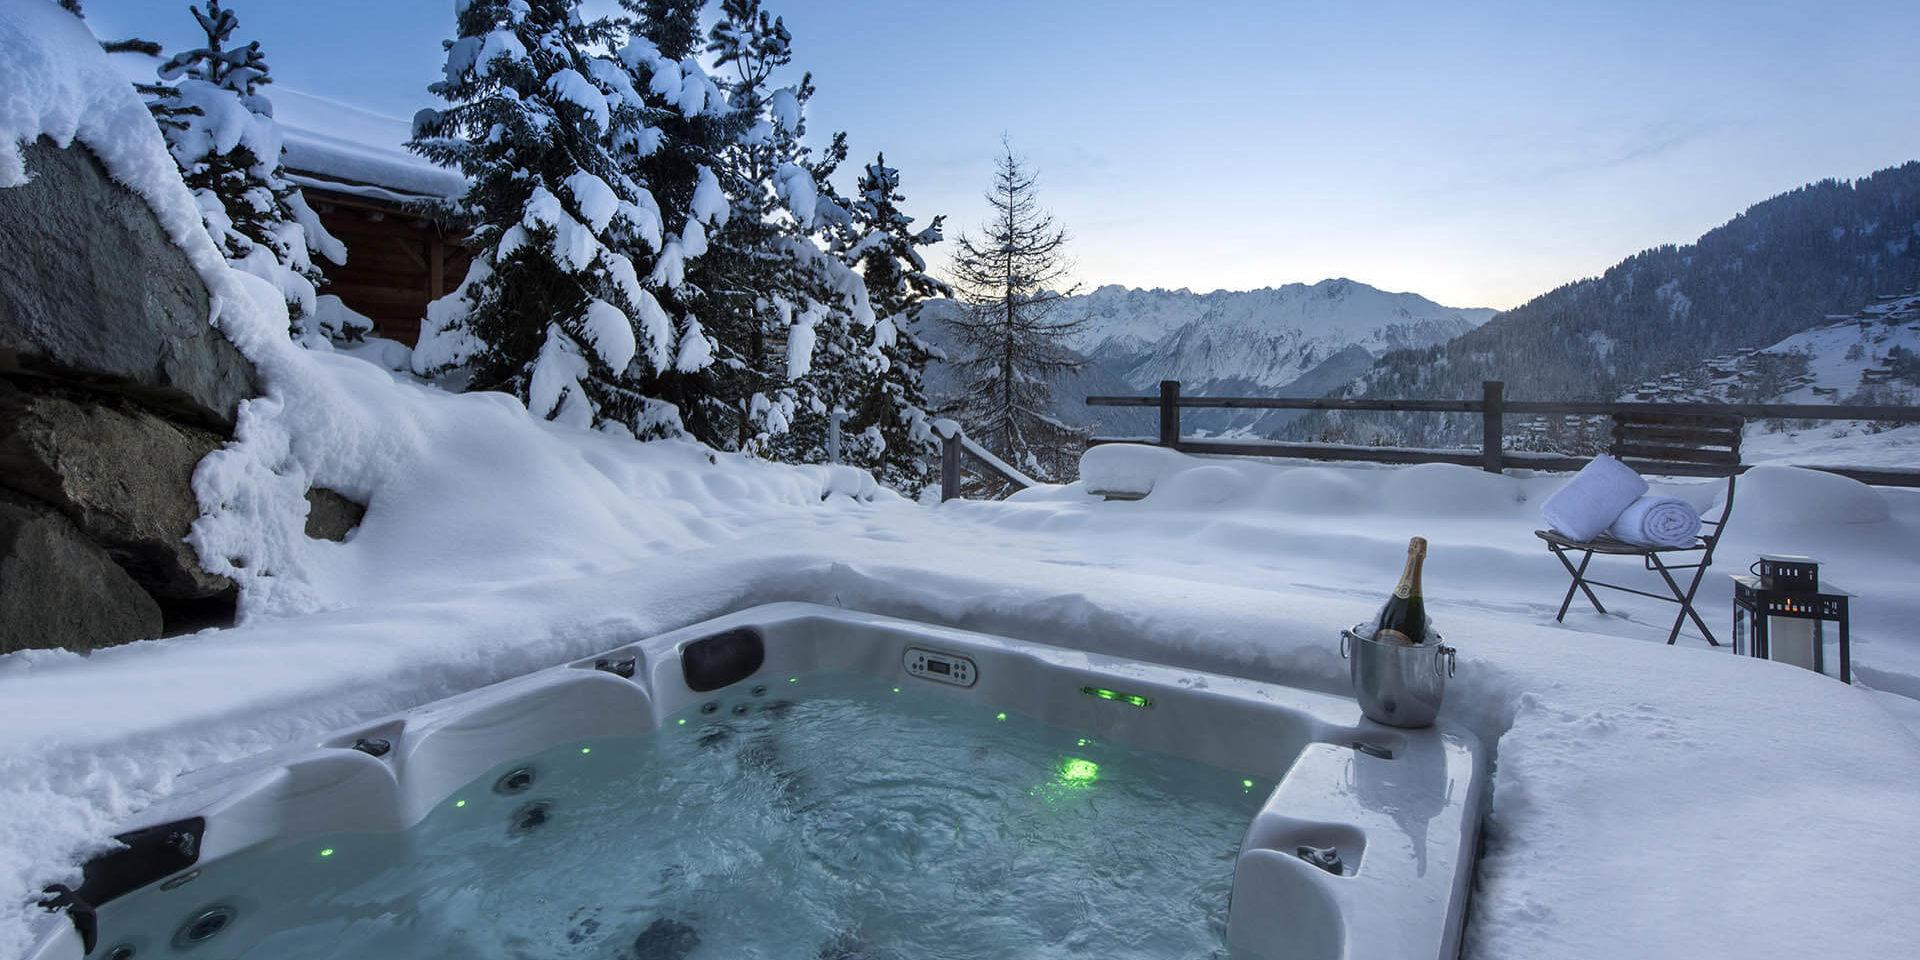 Chalet Rock Verbier Les 4 Vallees Zwitserland wintersport skivakantie luxe hot tub Champagne stoel handdoeken ontspannen genieten uitzicht besneeuwde bomen bergen sneeuw